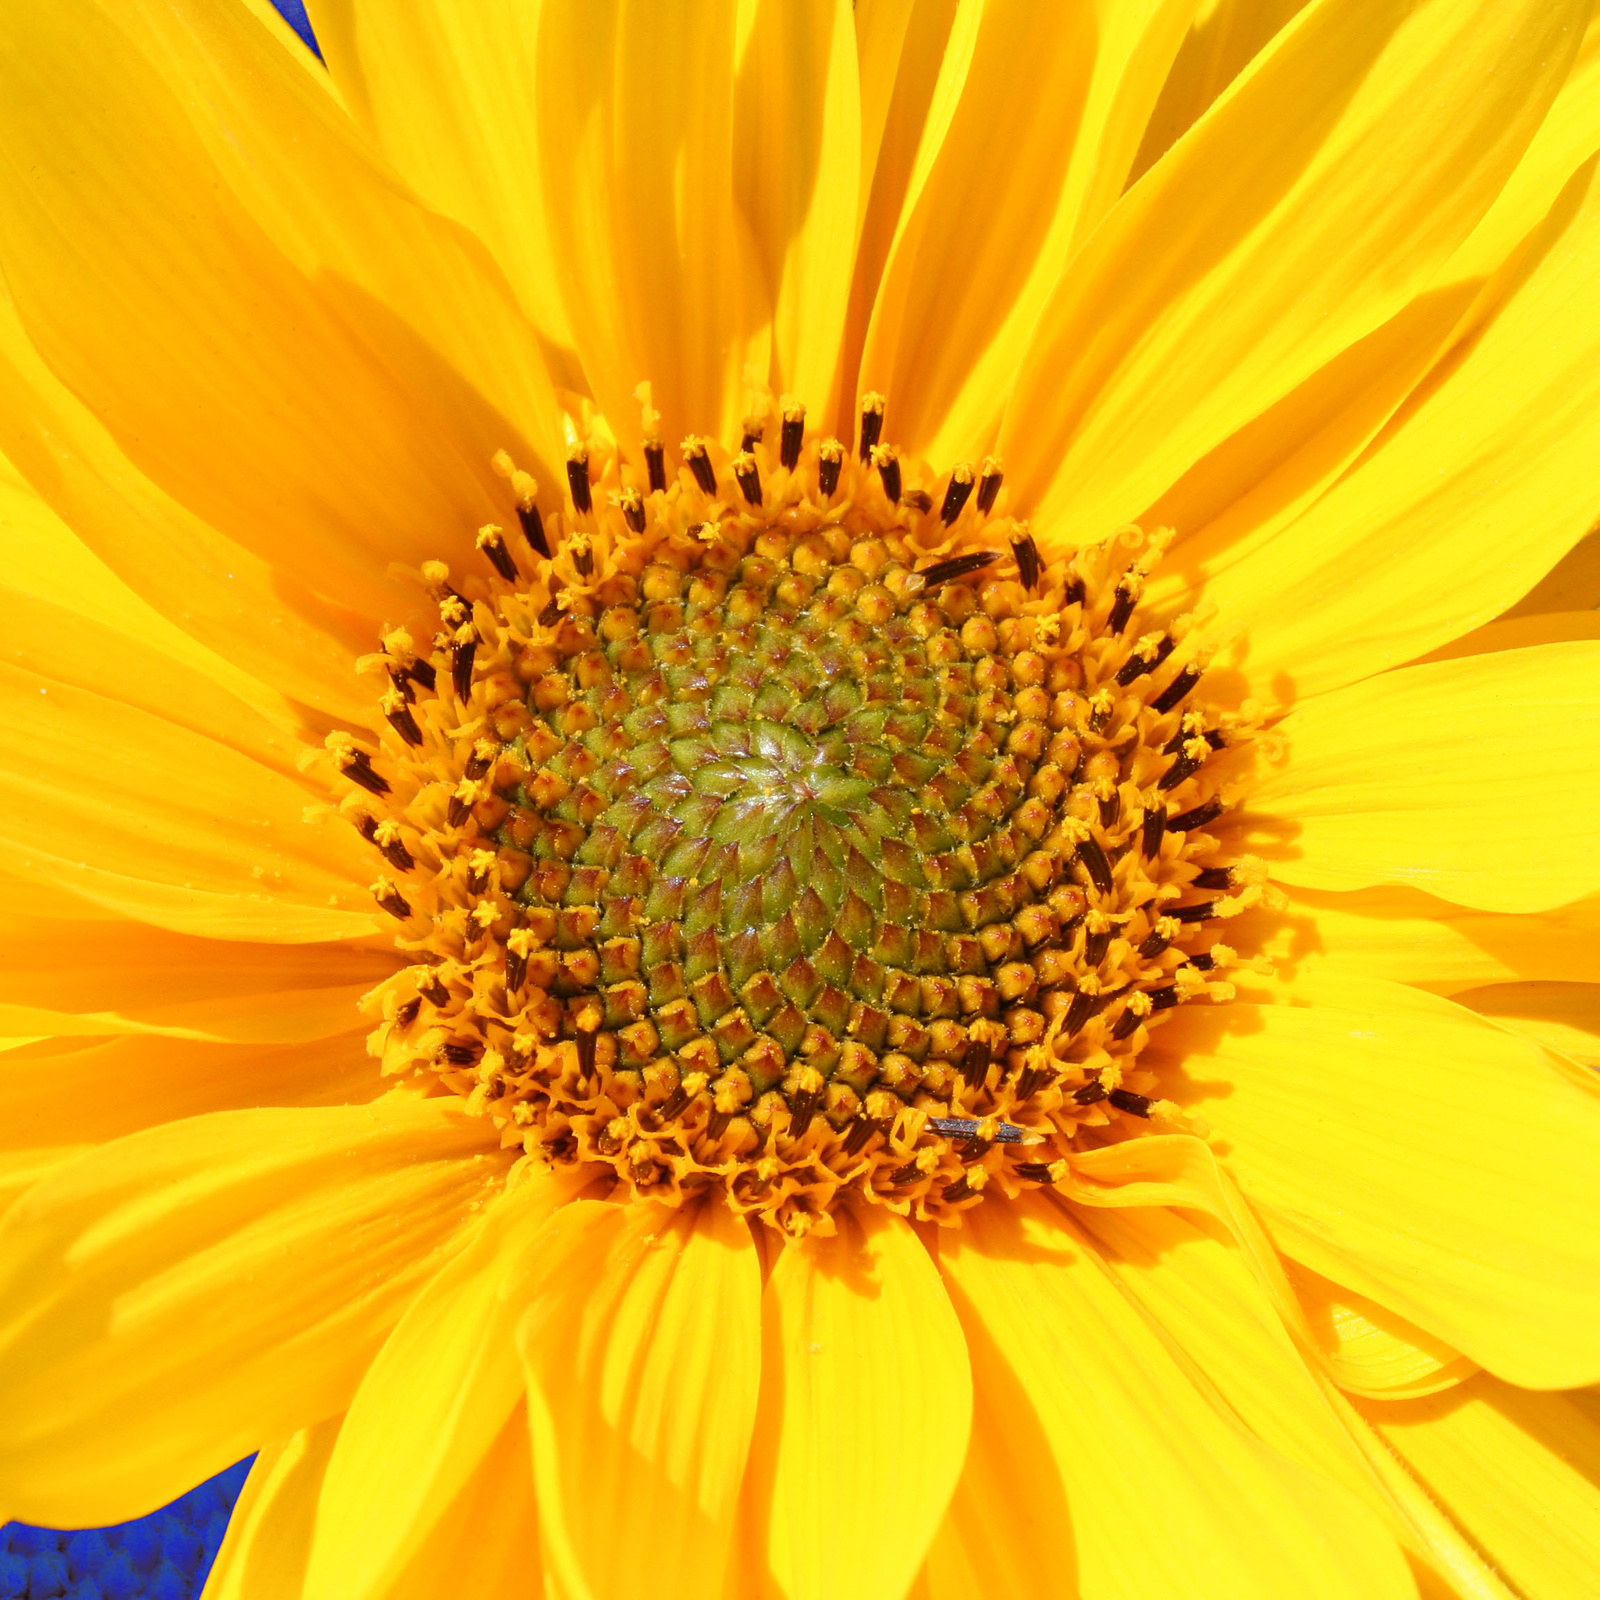 kék és sárga